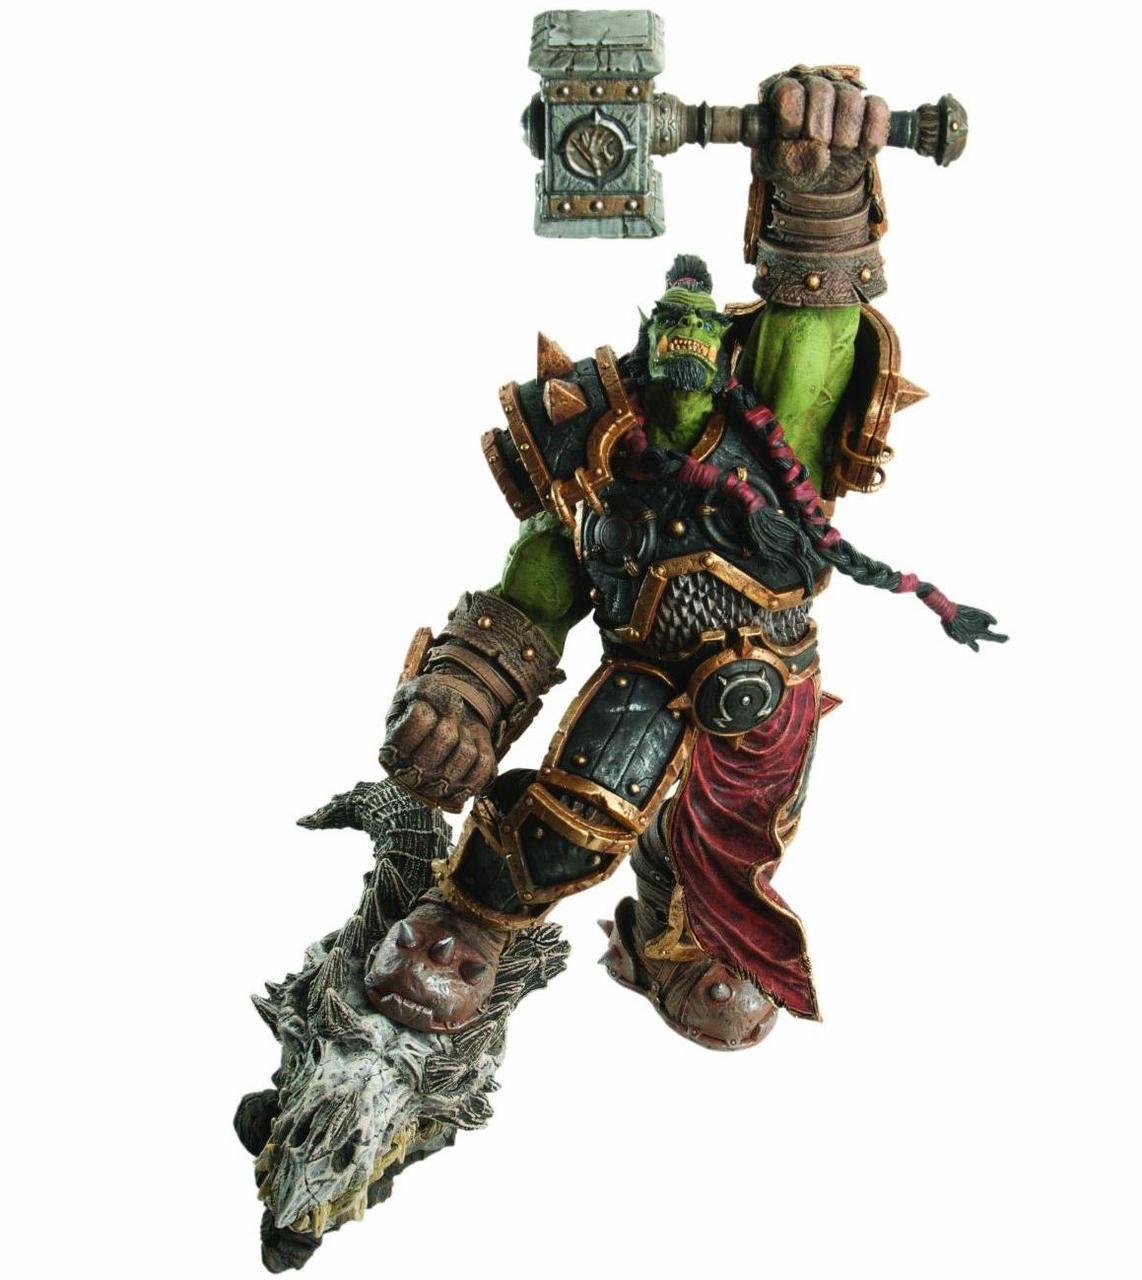 Фигурка Орк Тралл Варкрафт - Orc Thrall, Warcraft, Premium Series